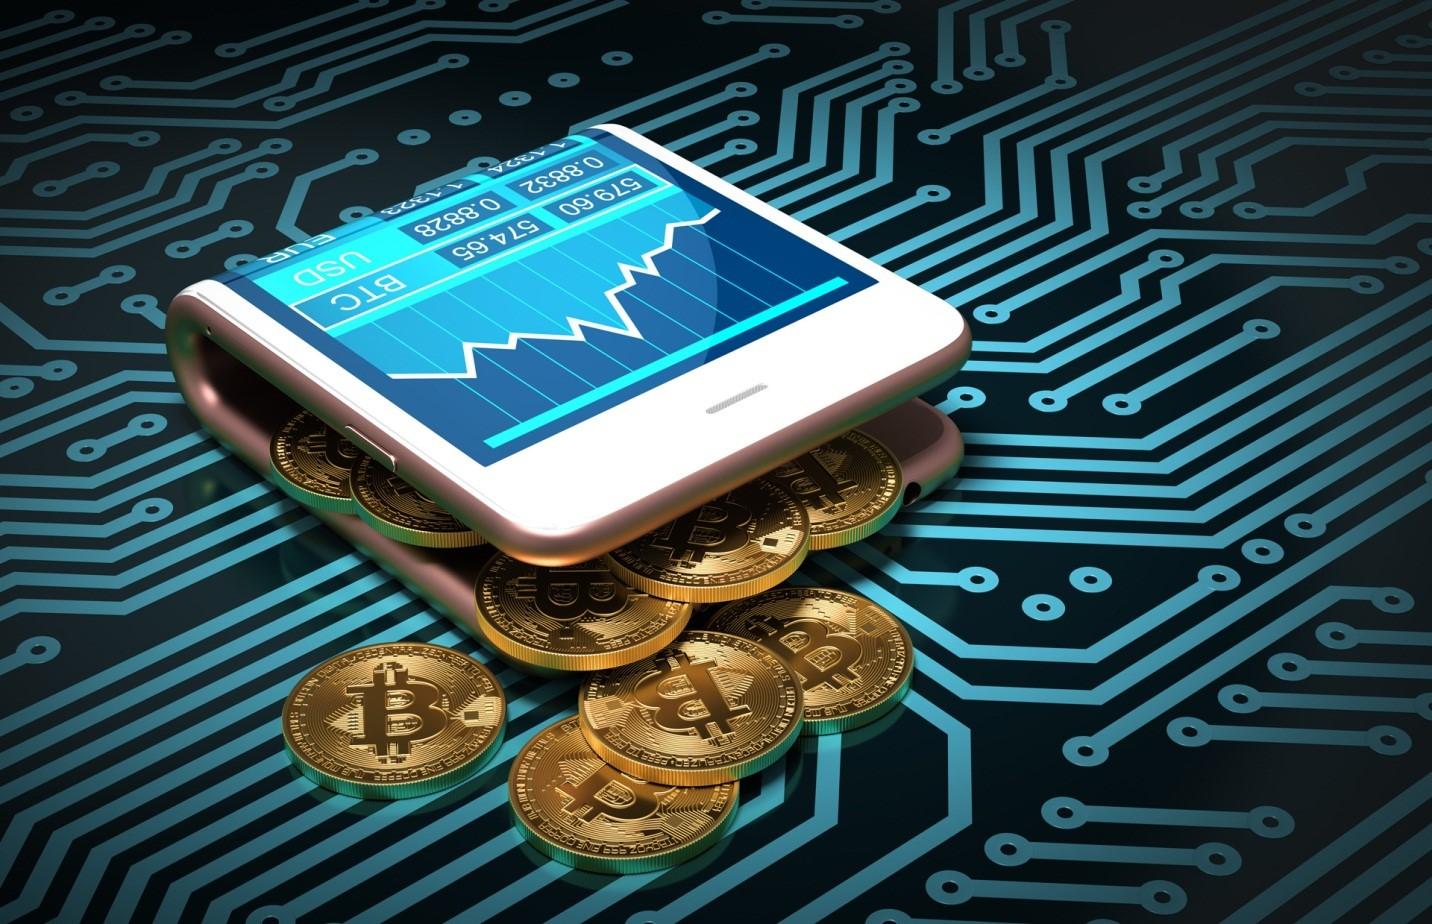 đào bitcoin   Phong Vũ Công nghệ